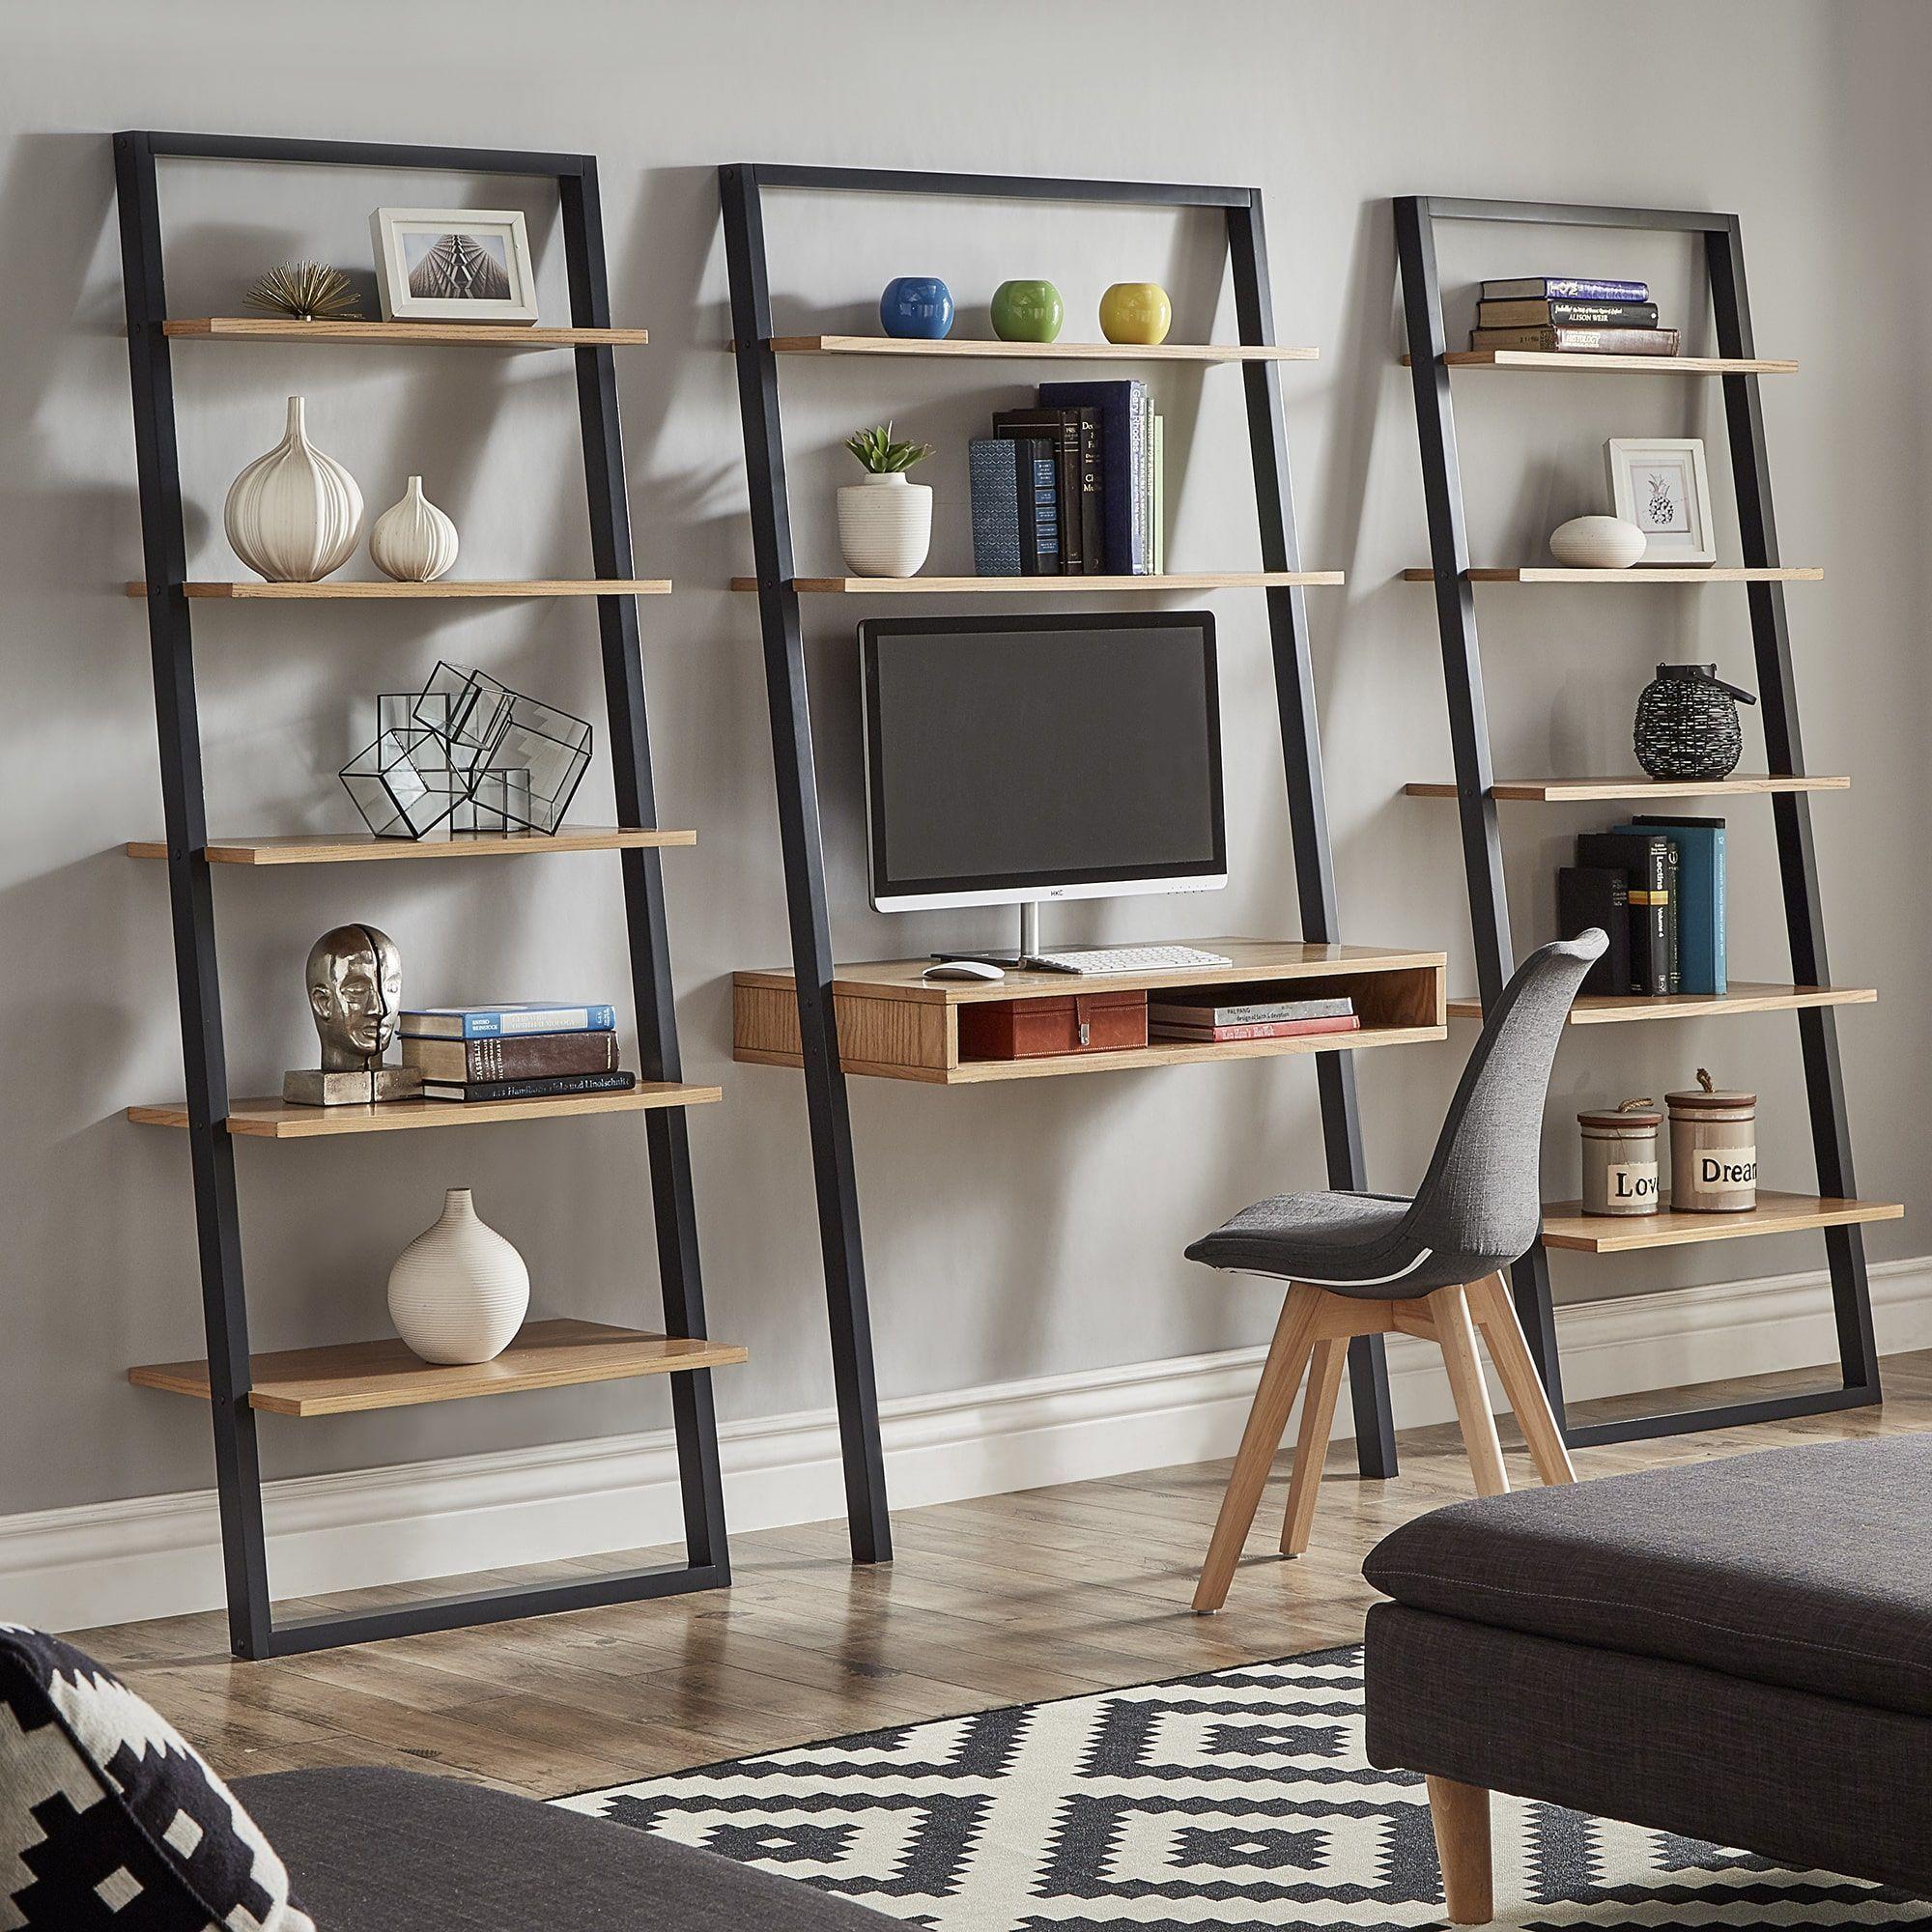 Ranell leaning desk ladder shelves by inspire q living london